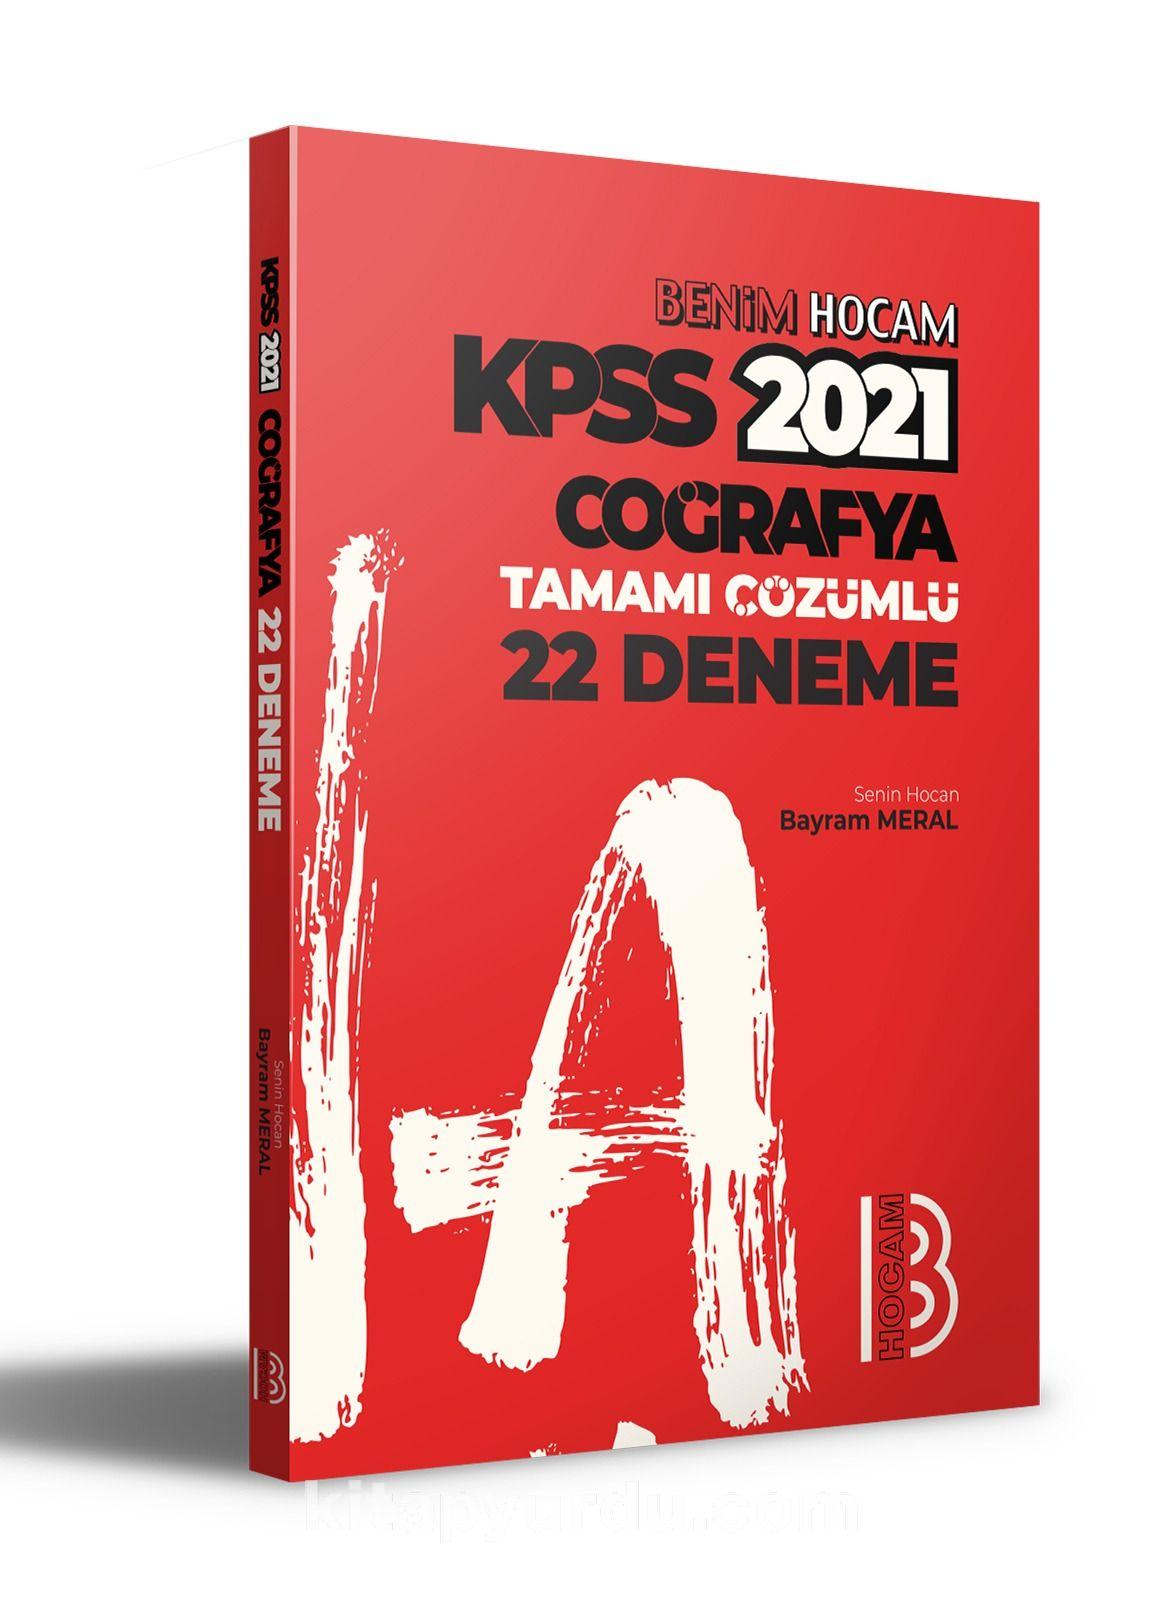 2021 KPSS Coğrafya Tamamı Çözümlü 22 Deneme  PDF Kitap İndir